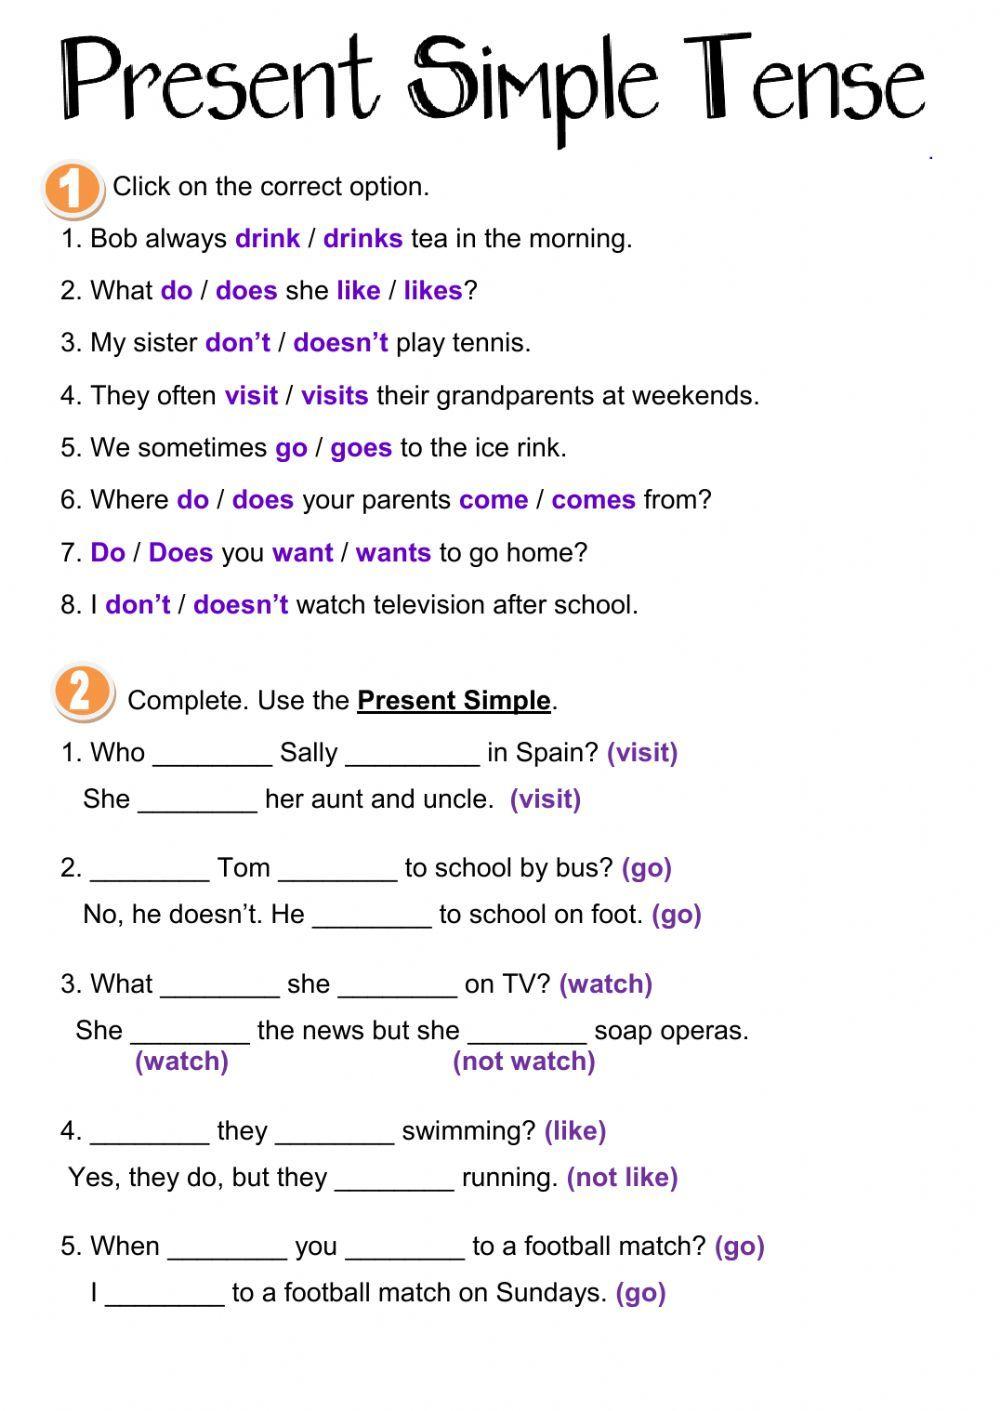 Ejercicios de tiempo presente simple en ingles